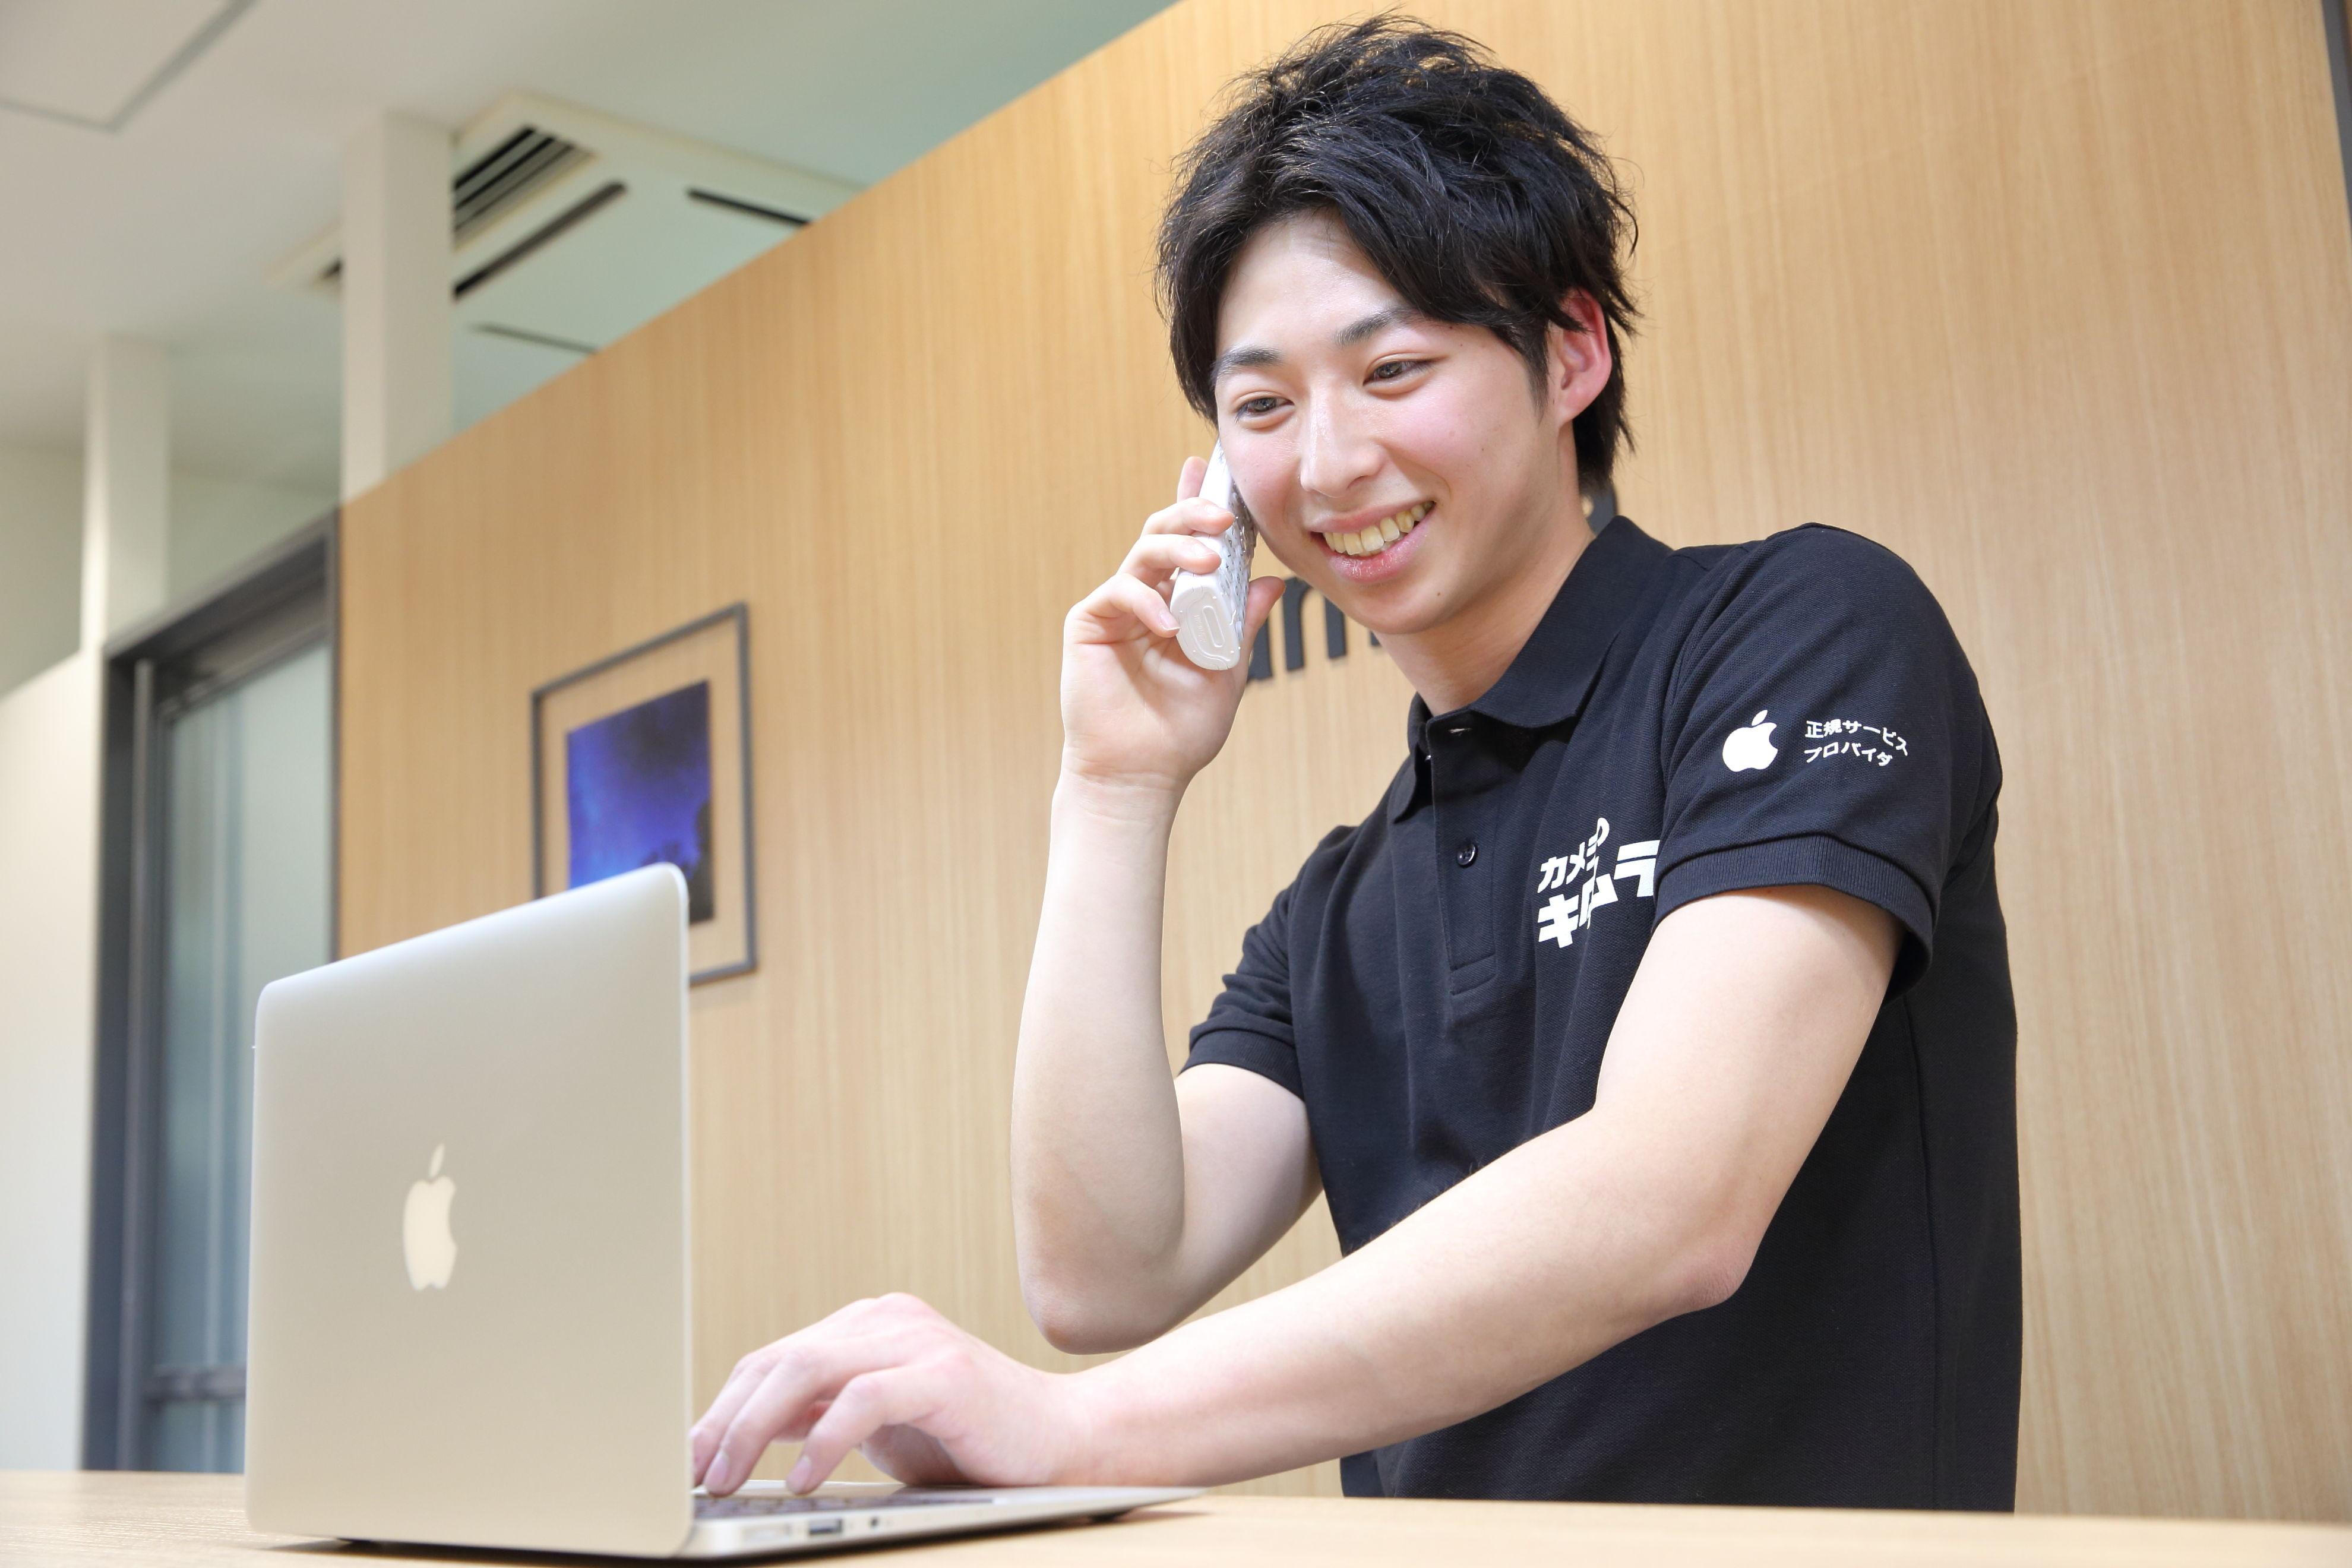 カメラのキタムラ アップル製品サービス 枚方/枚方T-SITE店 のアルバイト情報